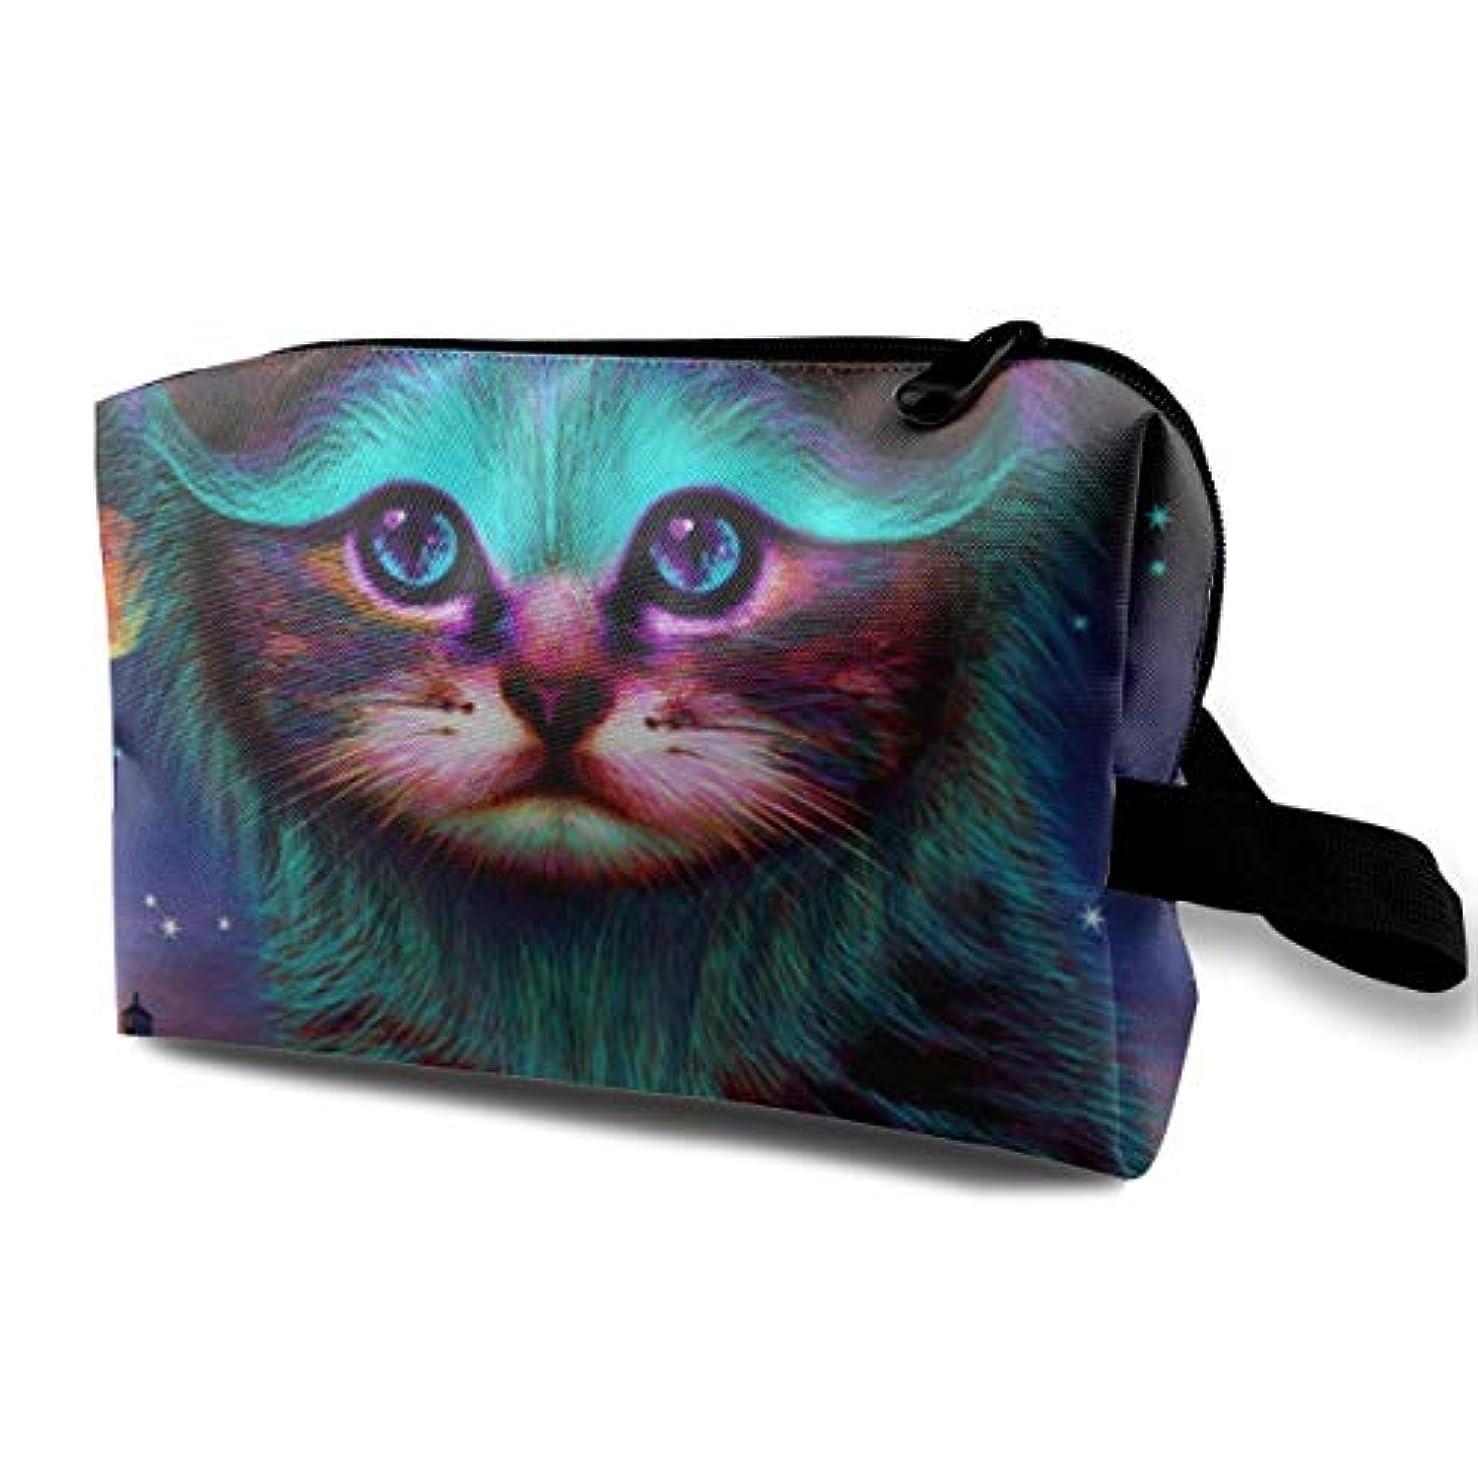 容量発掘政策Cute Rainbow Galaxy Kitten 収納ポーチ 化粧ポーチ 大容量 軽量 耐久性 ハンドル付持ち運び便利。入れ 自宅?出張?旅行?アウトドア撮影などに対応。メンズ レディース トラベルグッズ